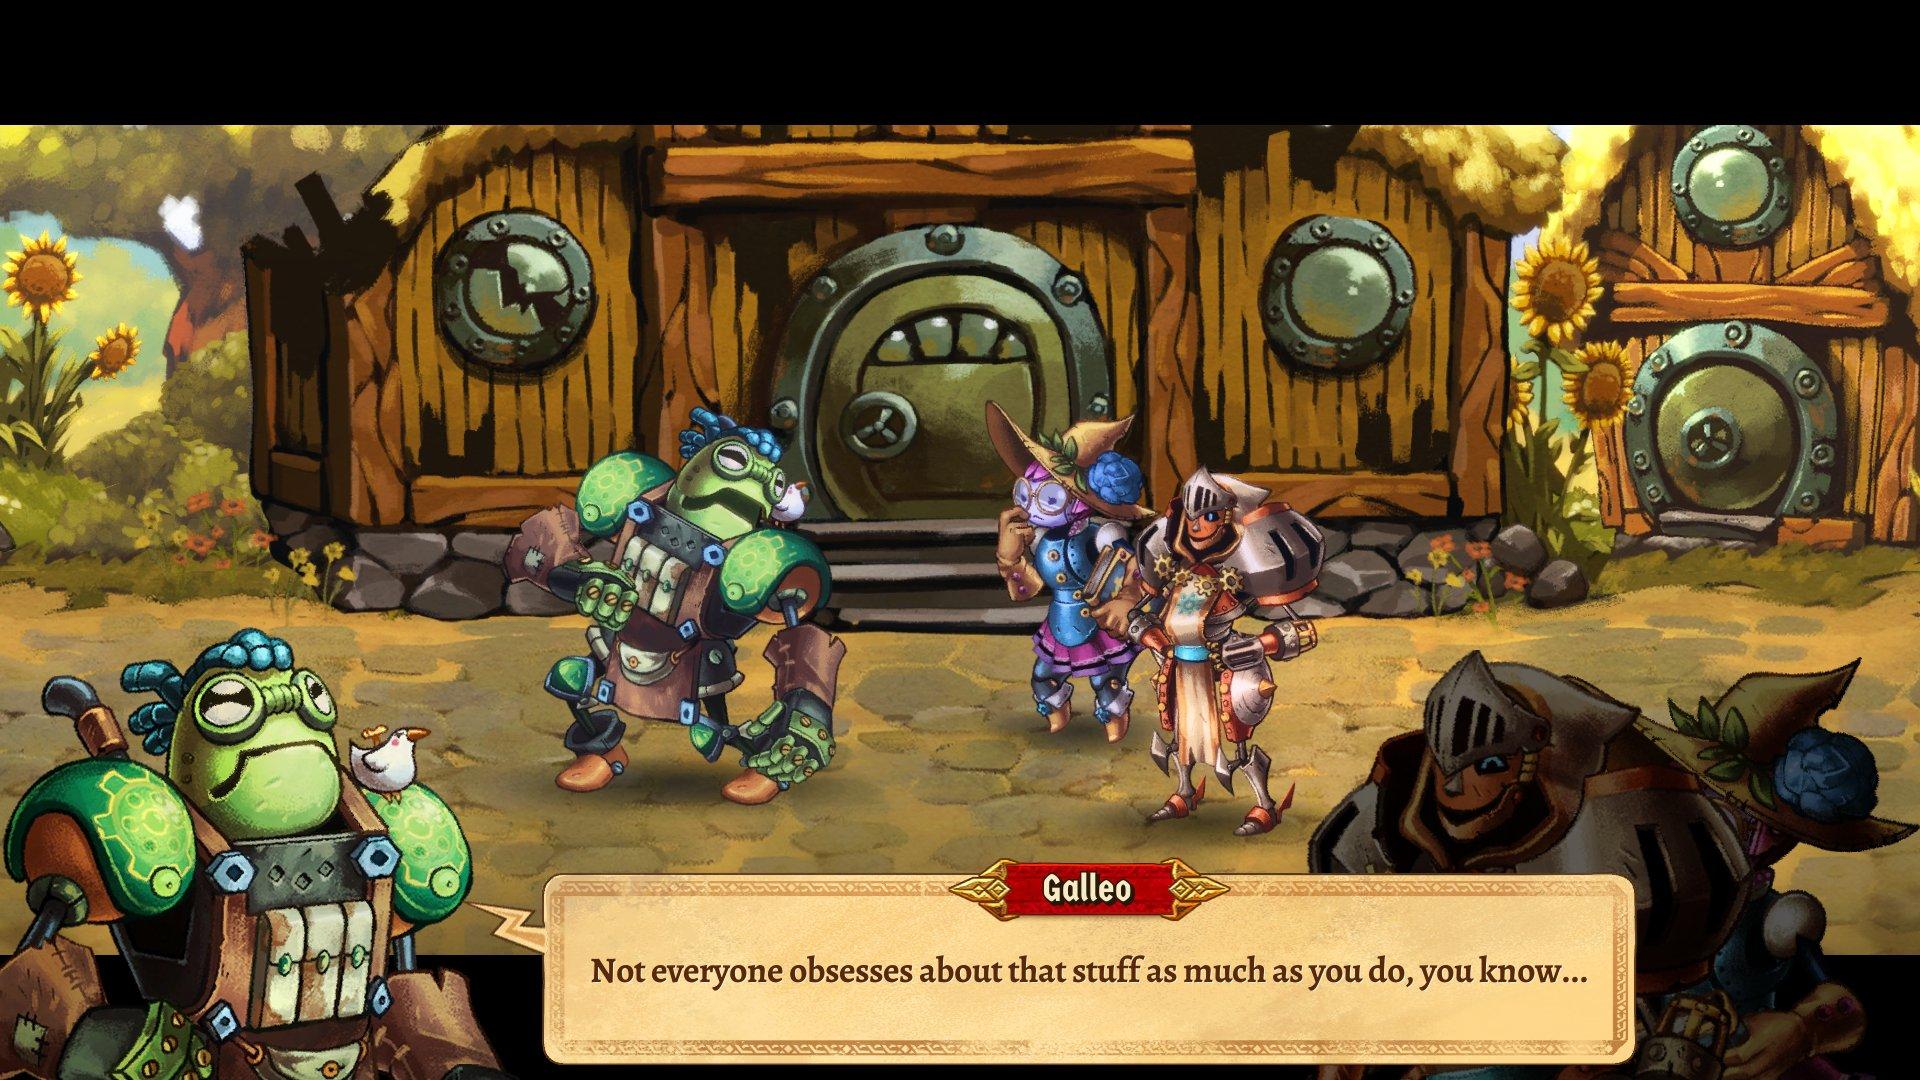 SteamWorld Quest: The Hand of Gilgamech